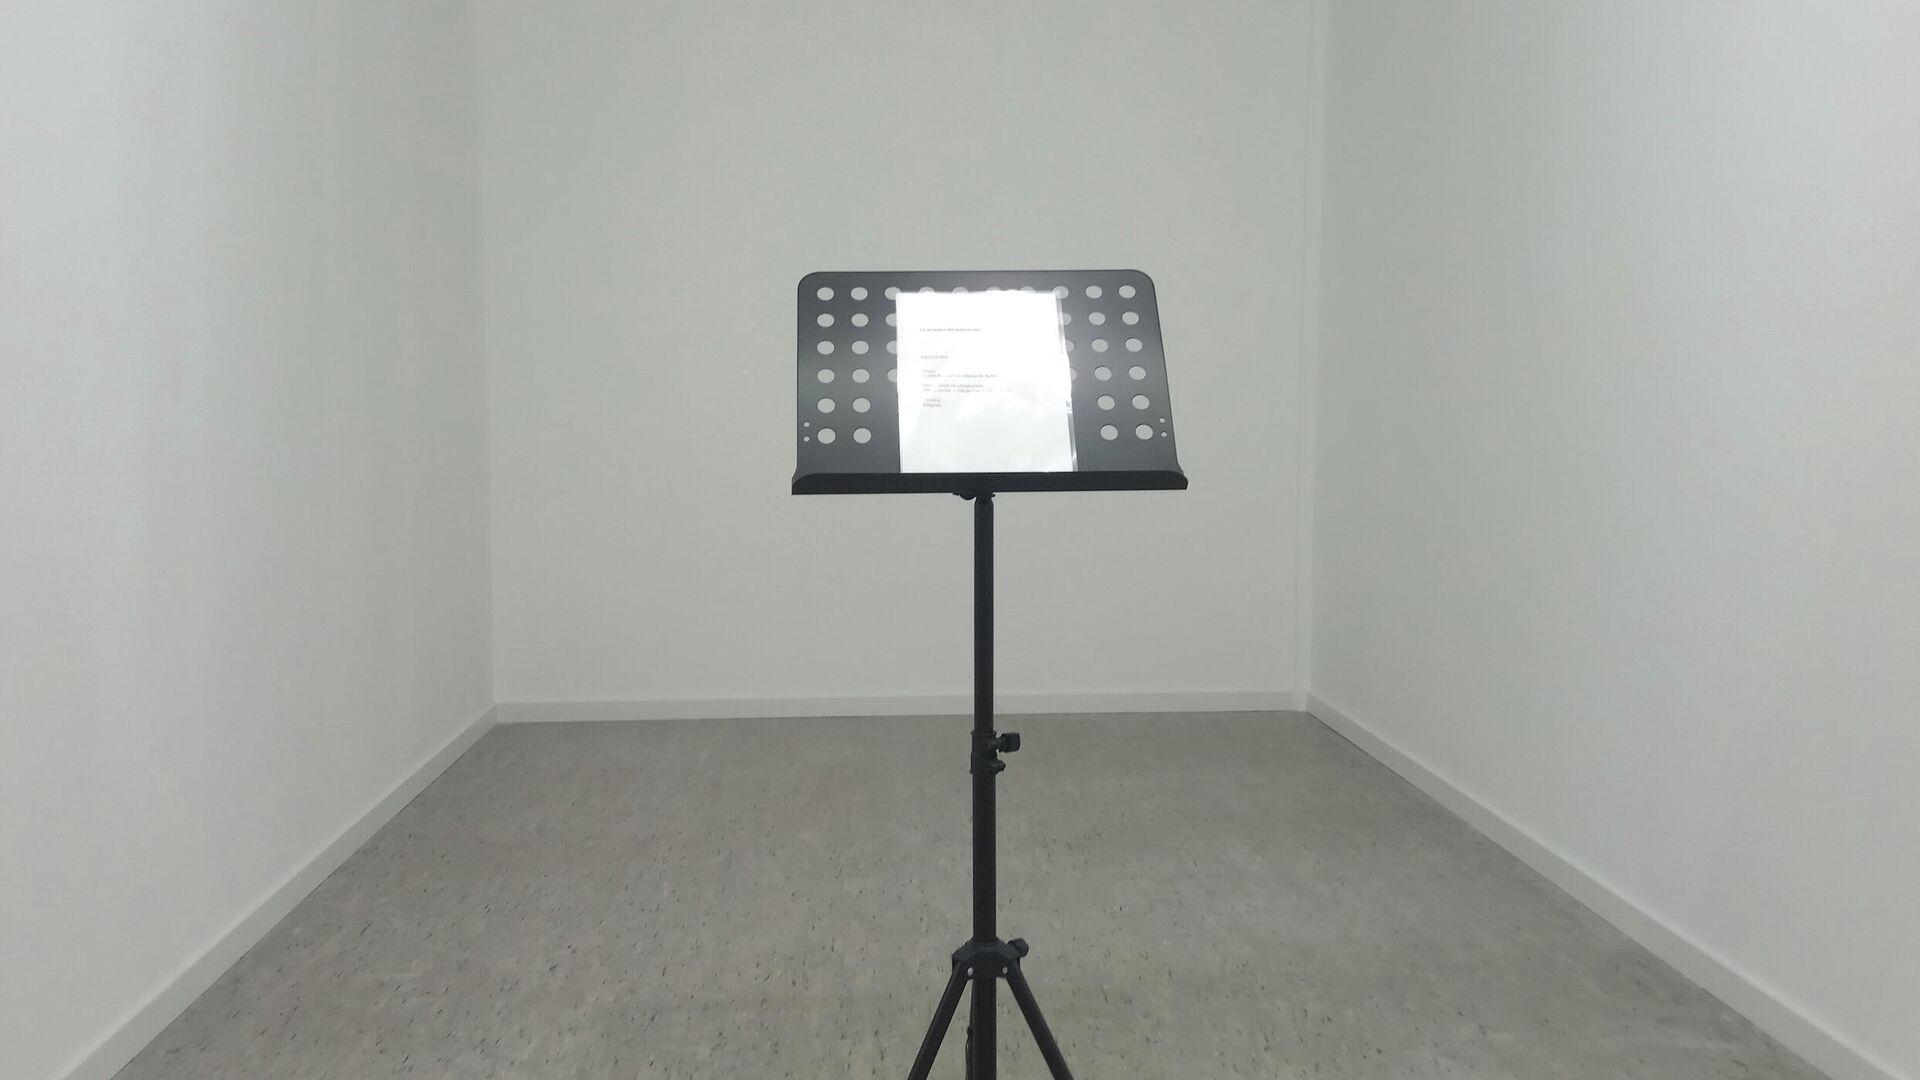 Escultura invisible expuesta en la Fundación Boyer Tresaco - Sputnik Mundo, 1920, 07.07.2021